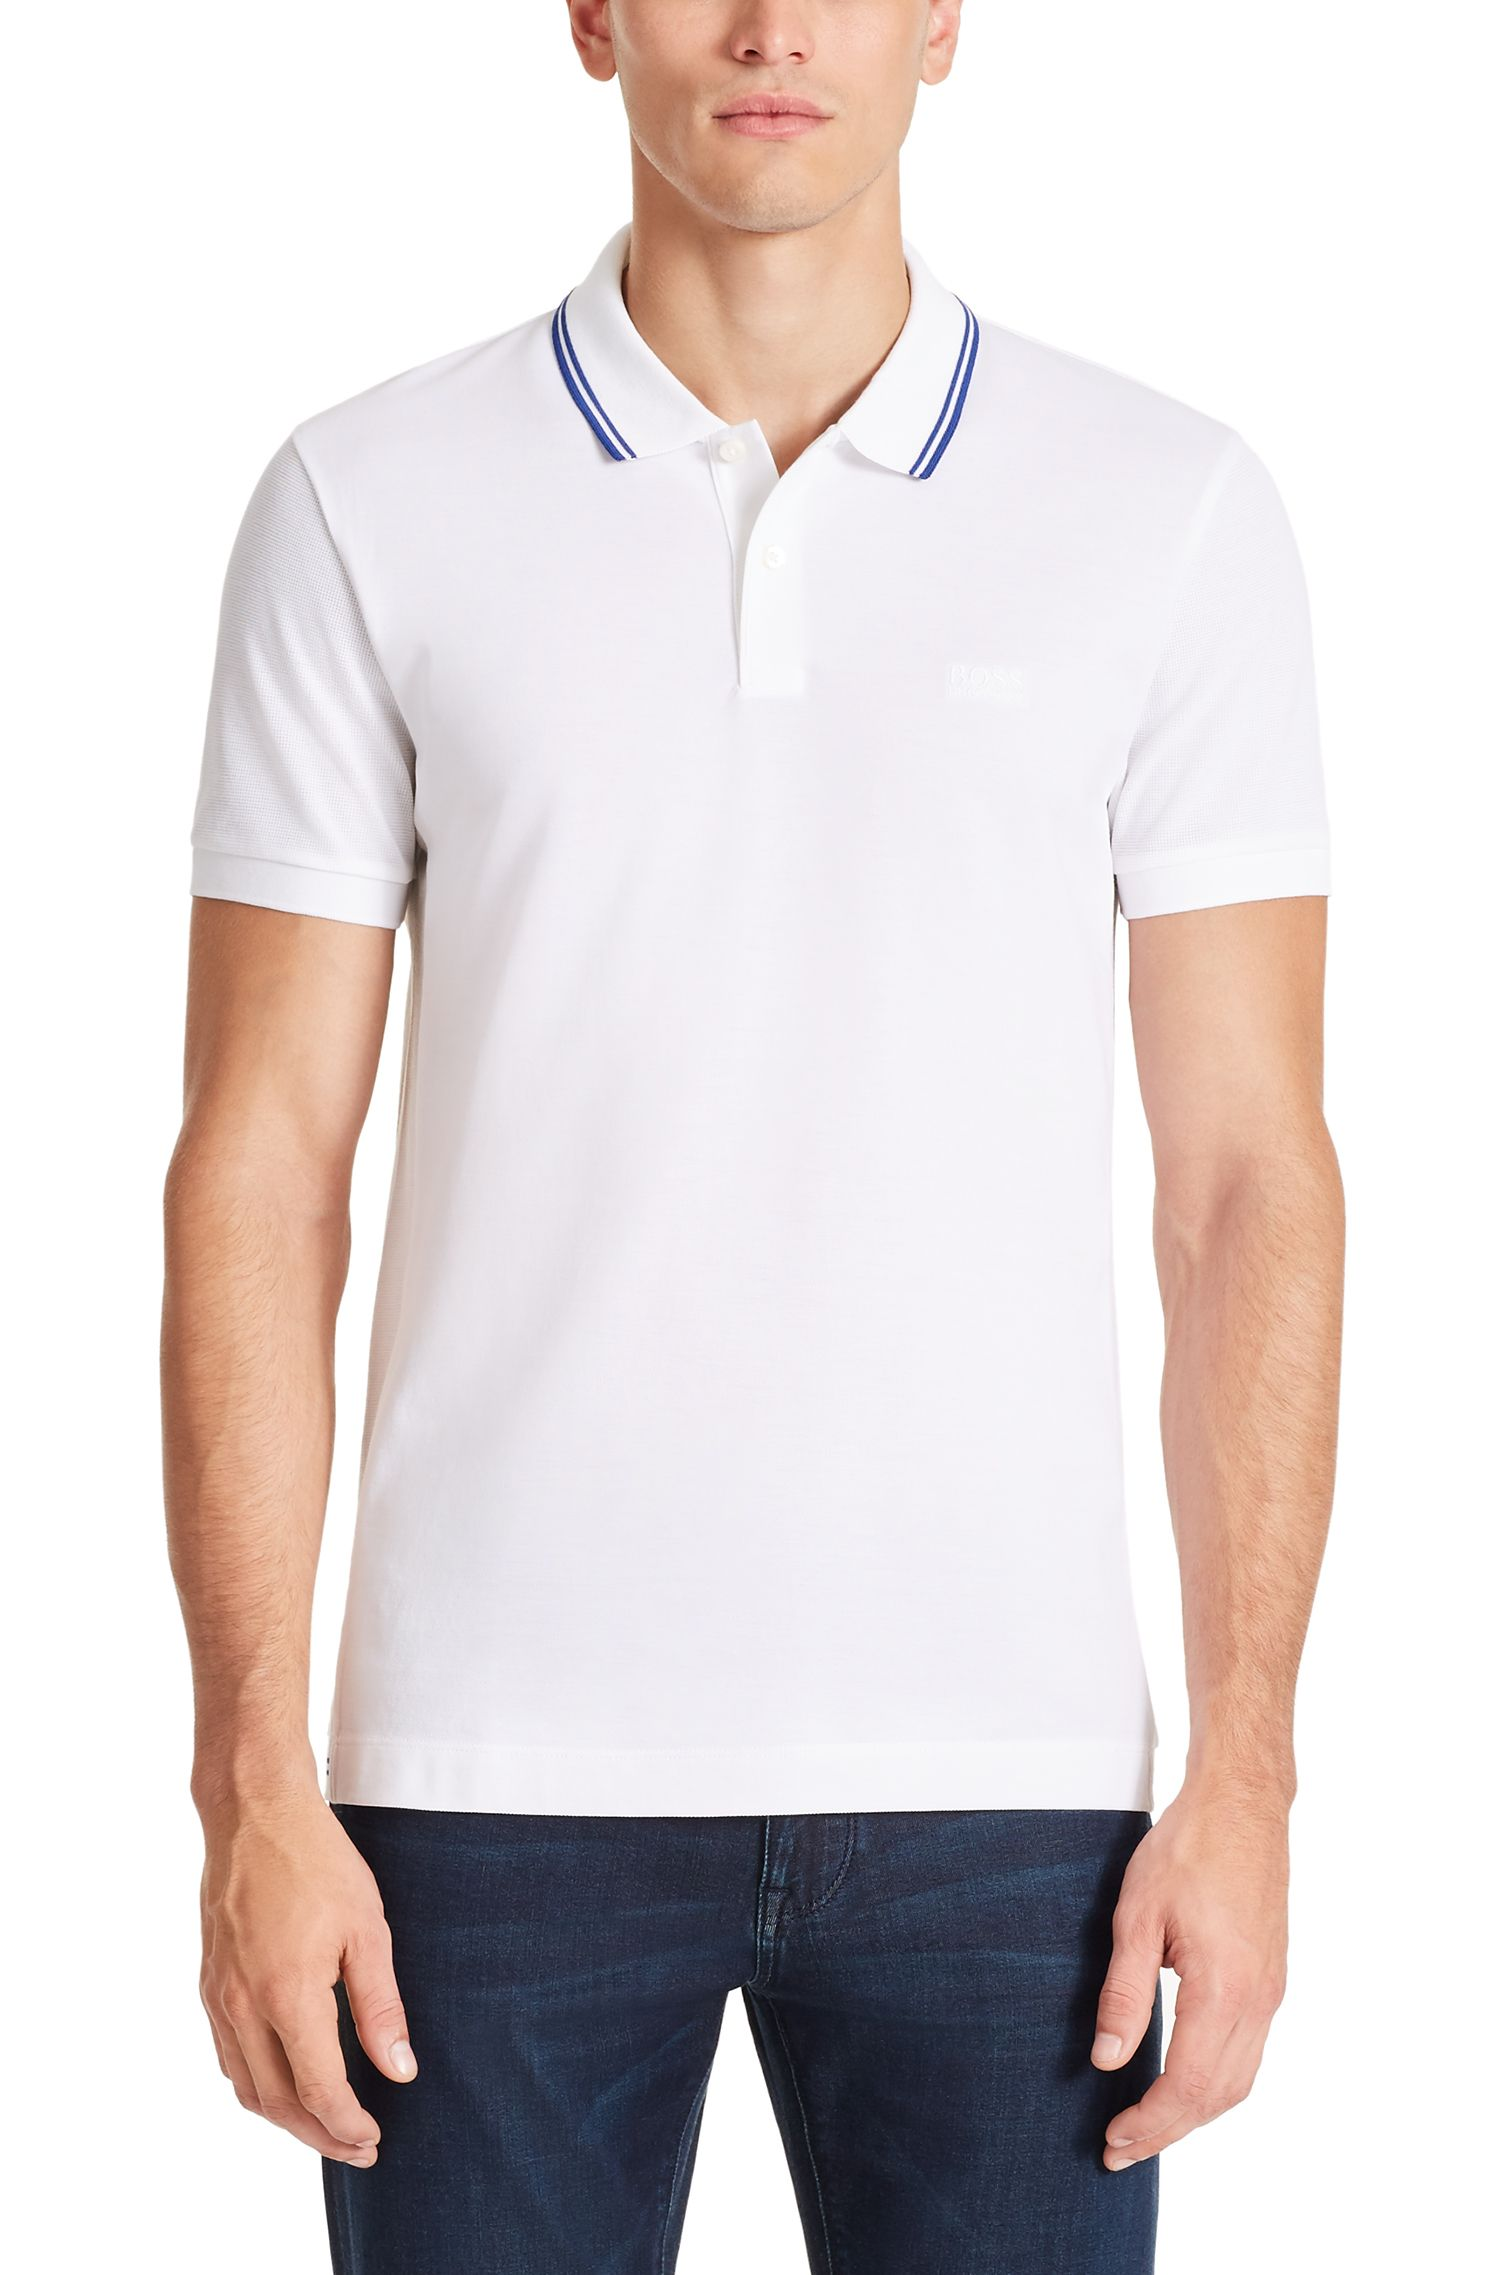 Piqué Pima Cotton Polo Shirt, Slim Fit   Phillipson